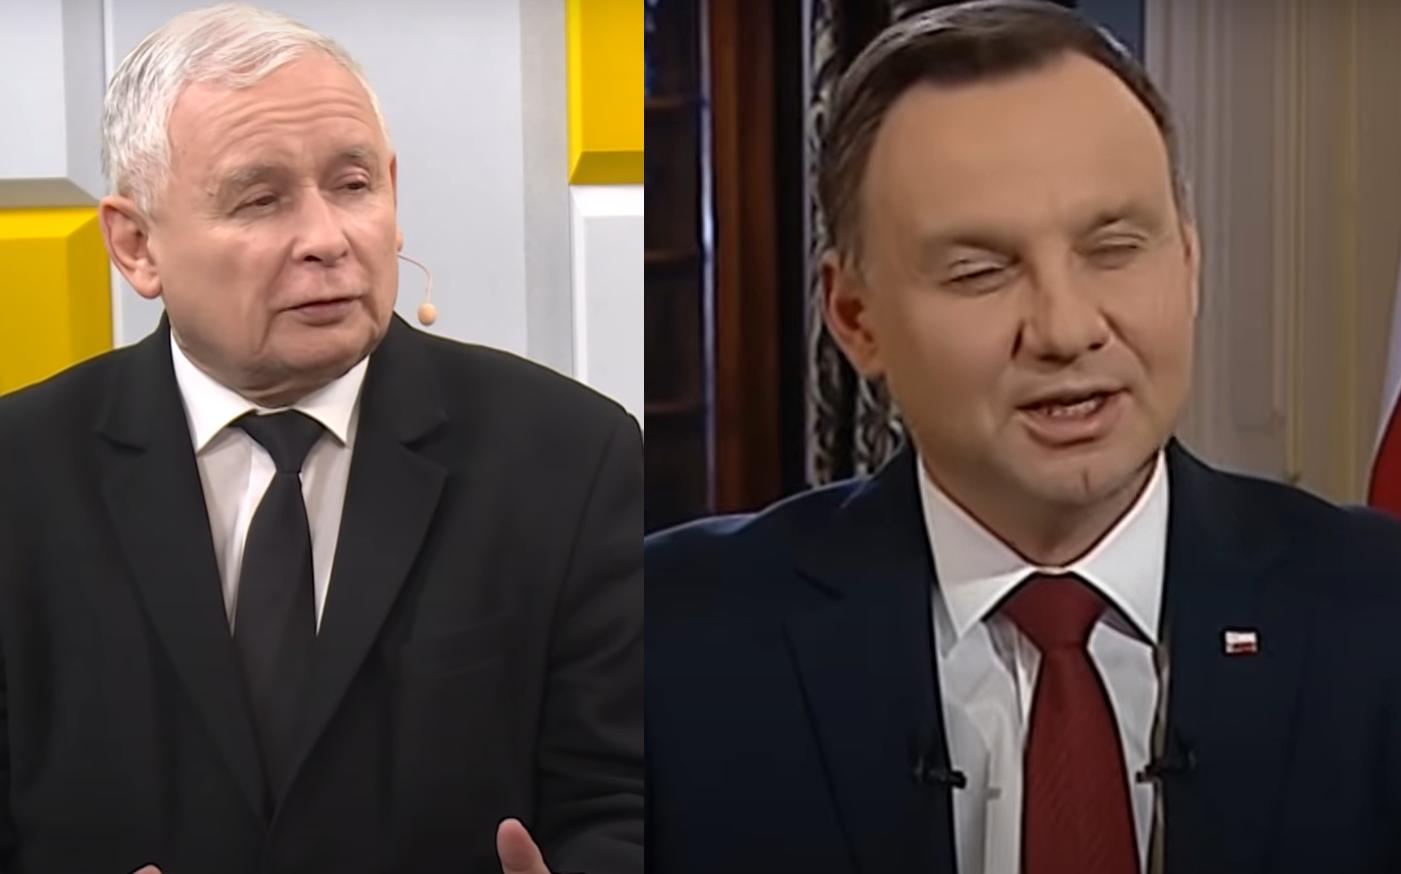 Andrzej Duda przerwał swoje przemówienie, gdy na salę wszedł spóźniony prezes PiS Jarosław Kaczyński. Wszystko miało miejsce na Zamku Królewskim.